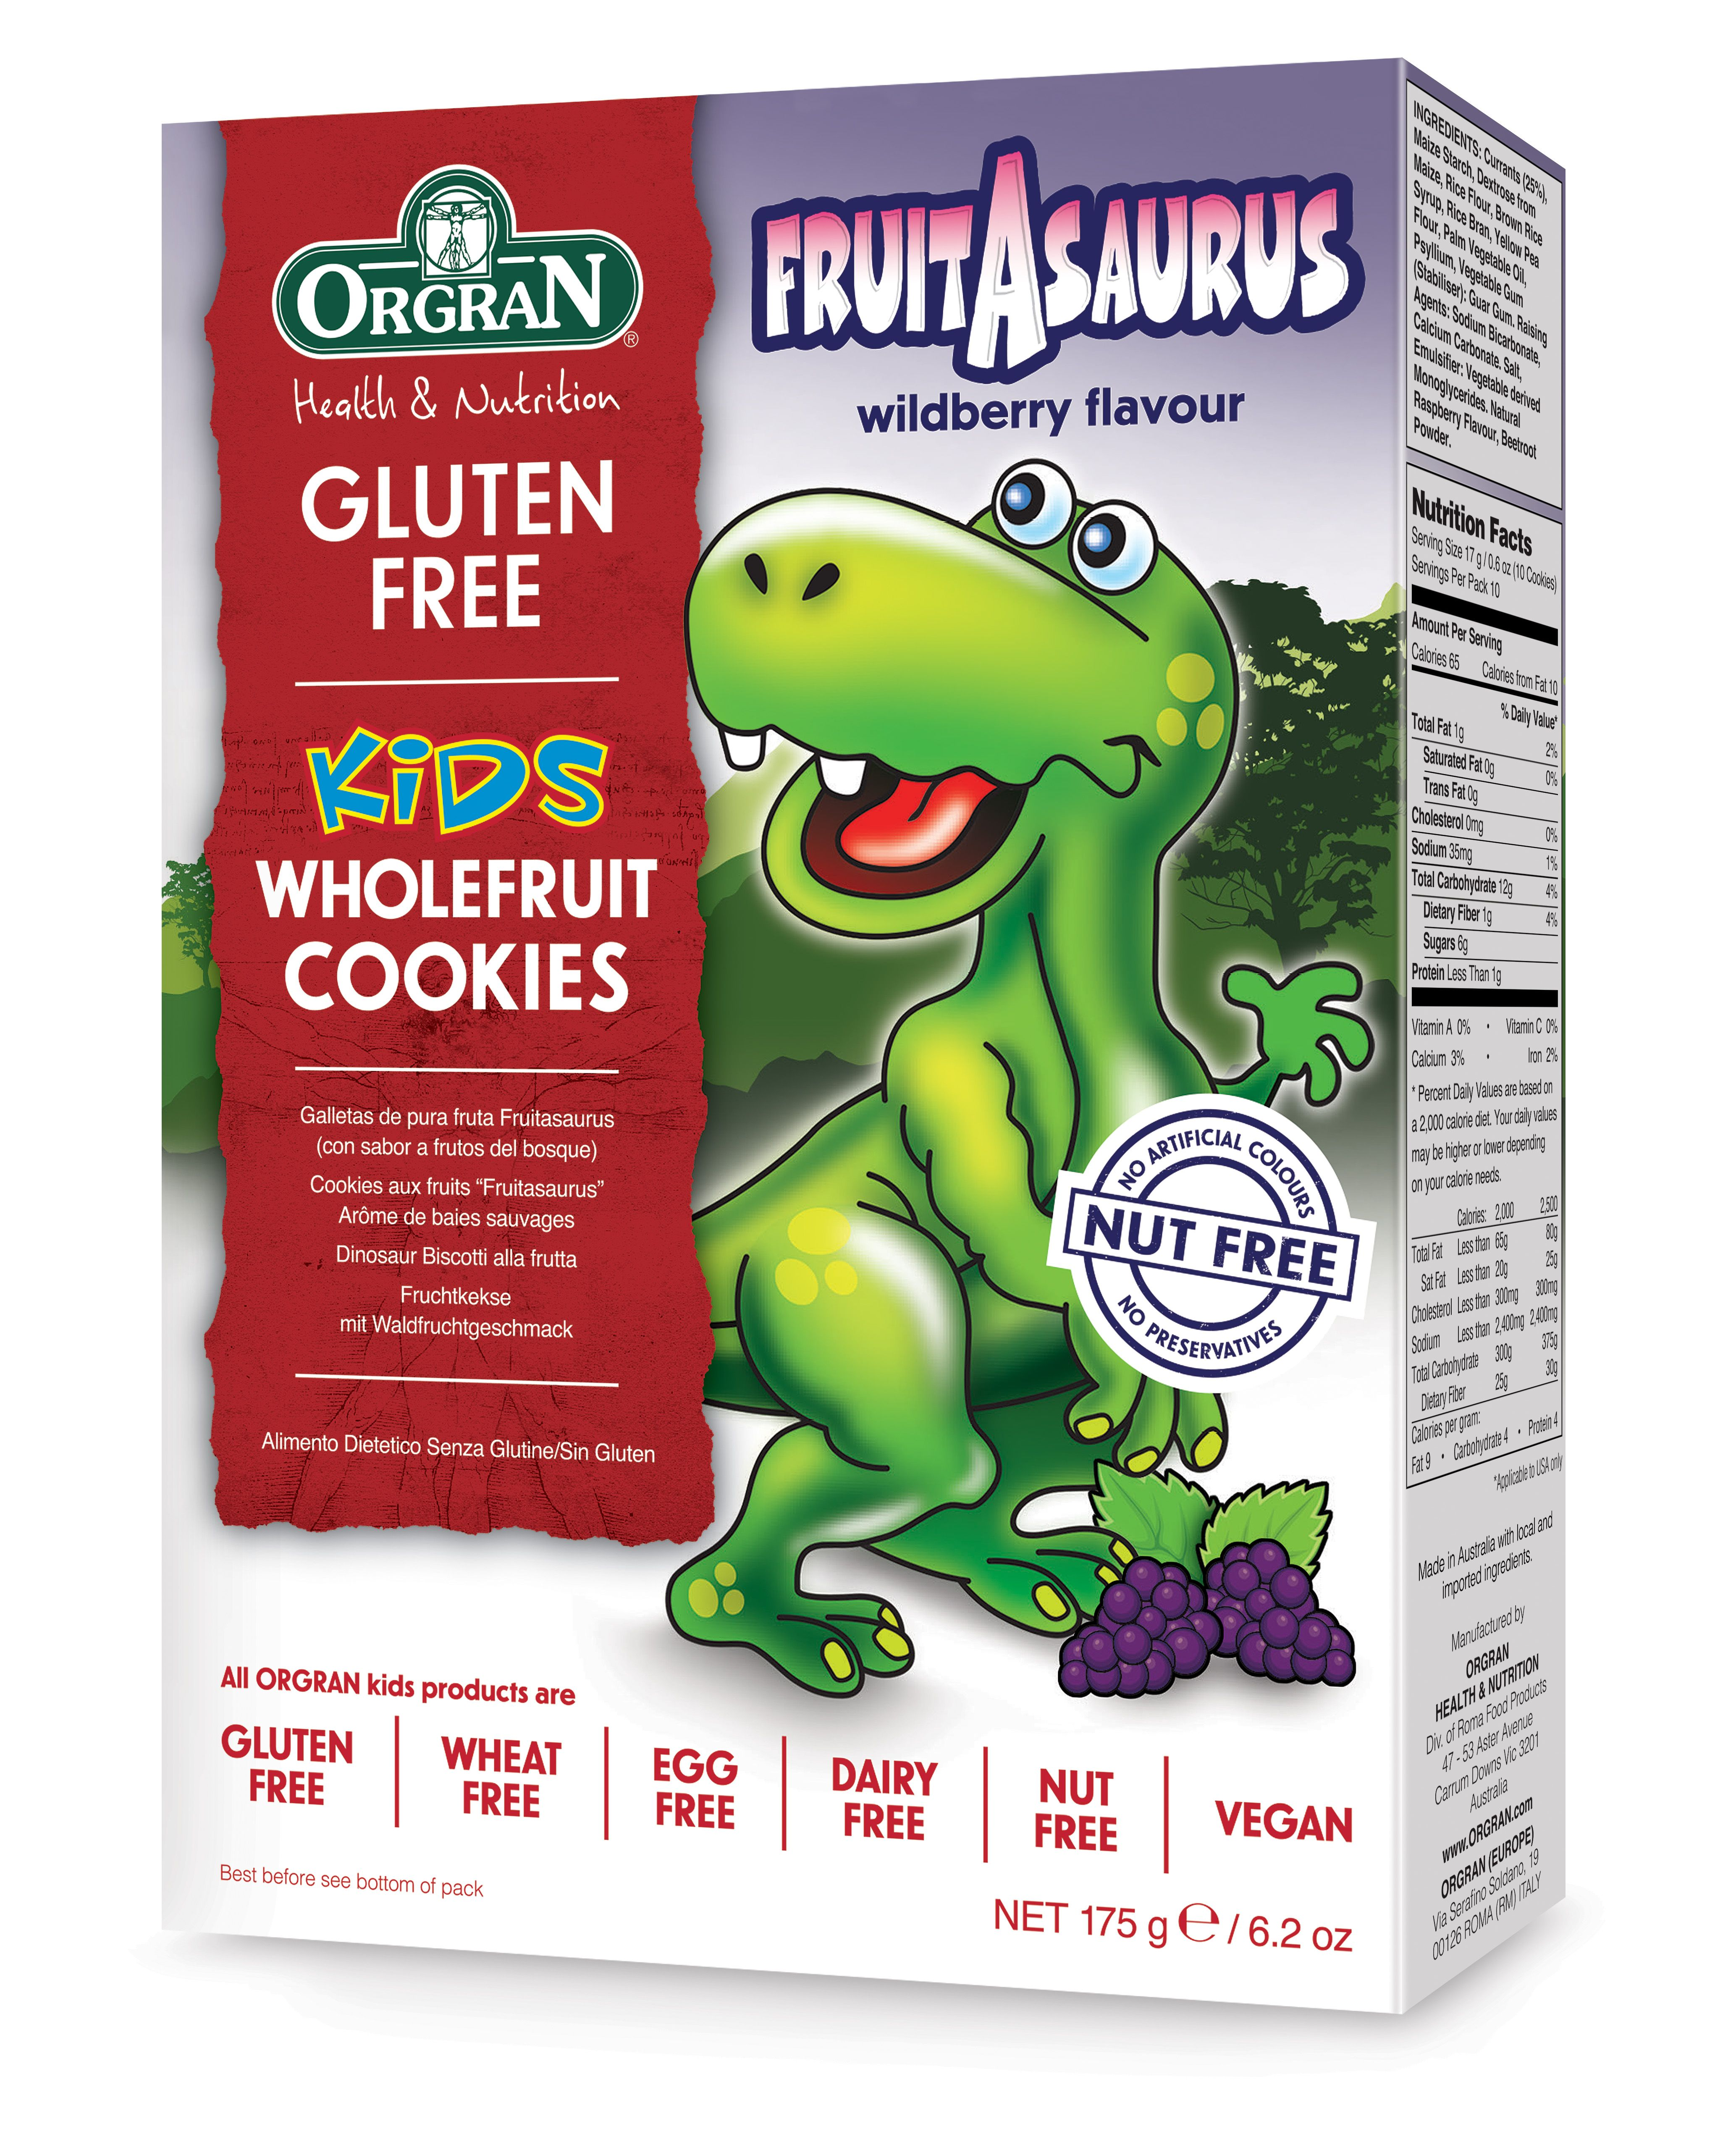 Products | Gluten free kids, Gluten free